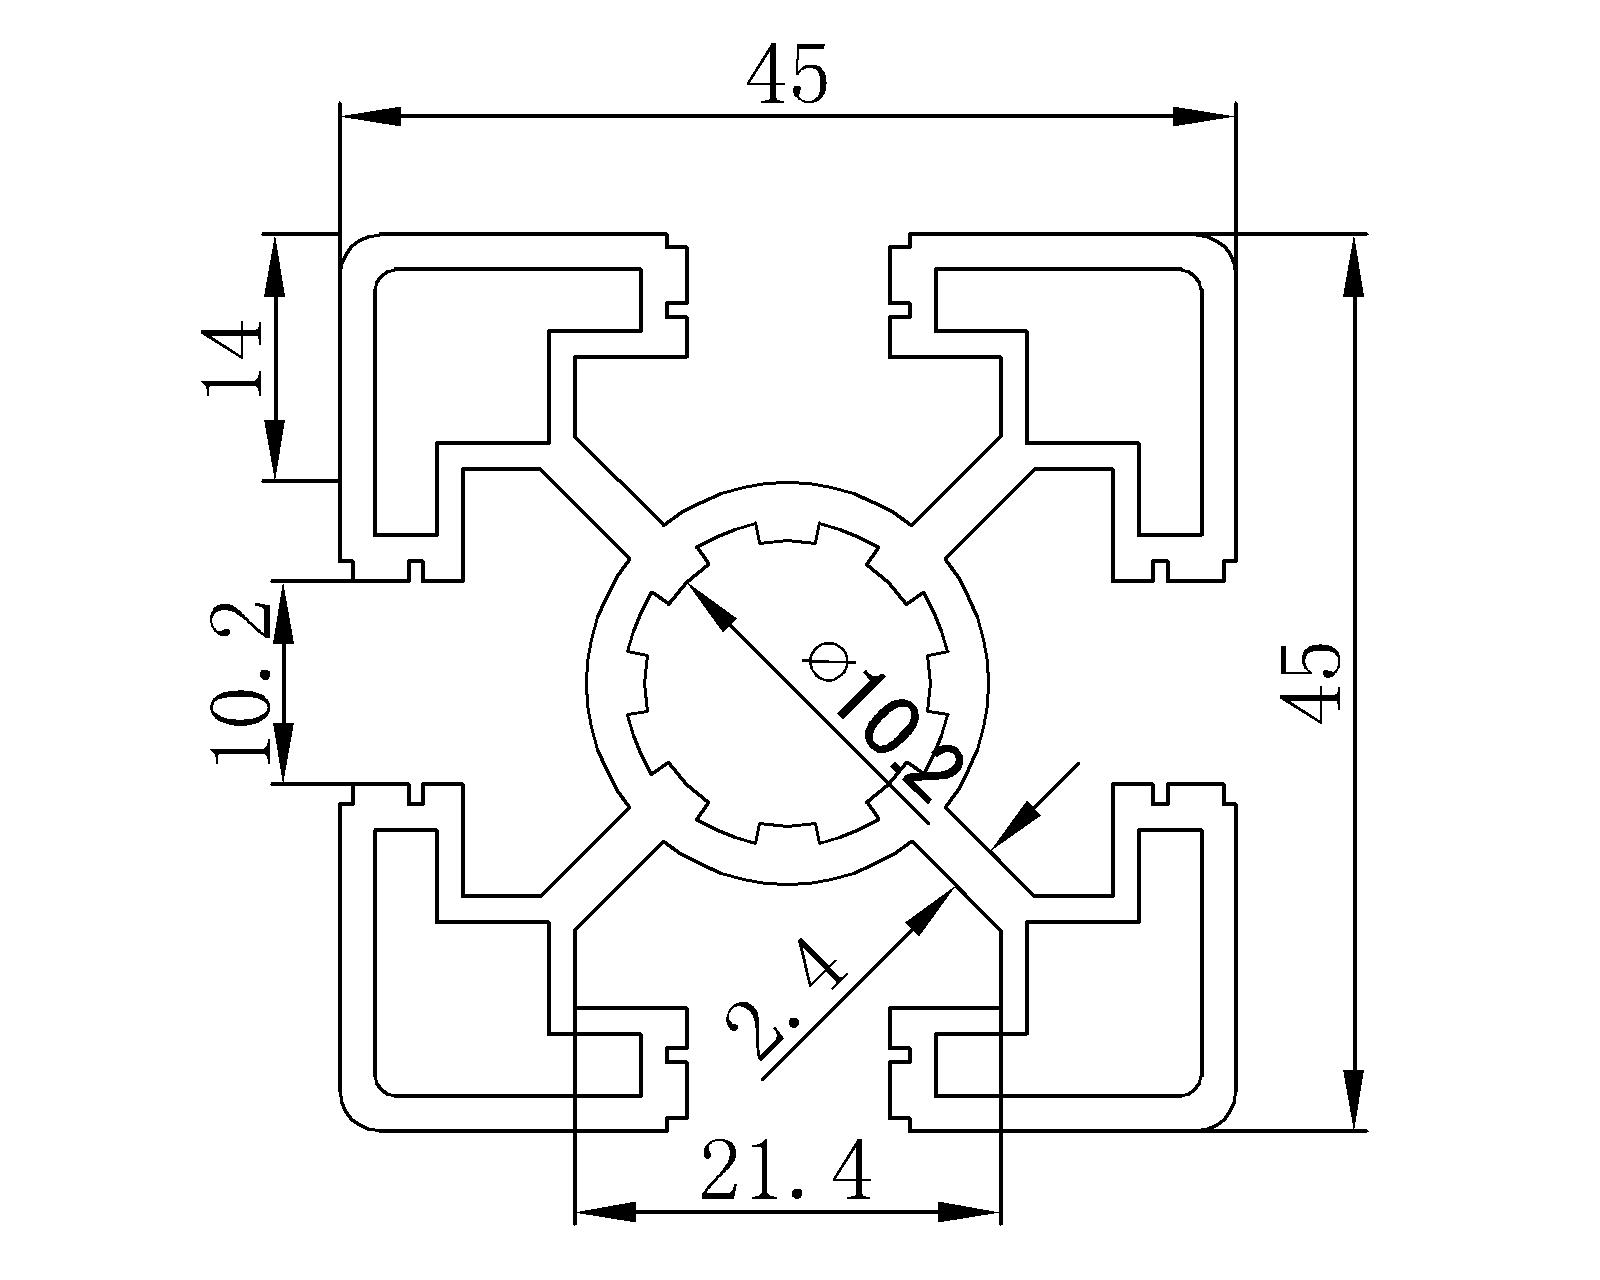 oot cover Aluminum profile BT454R